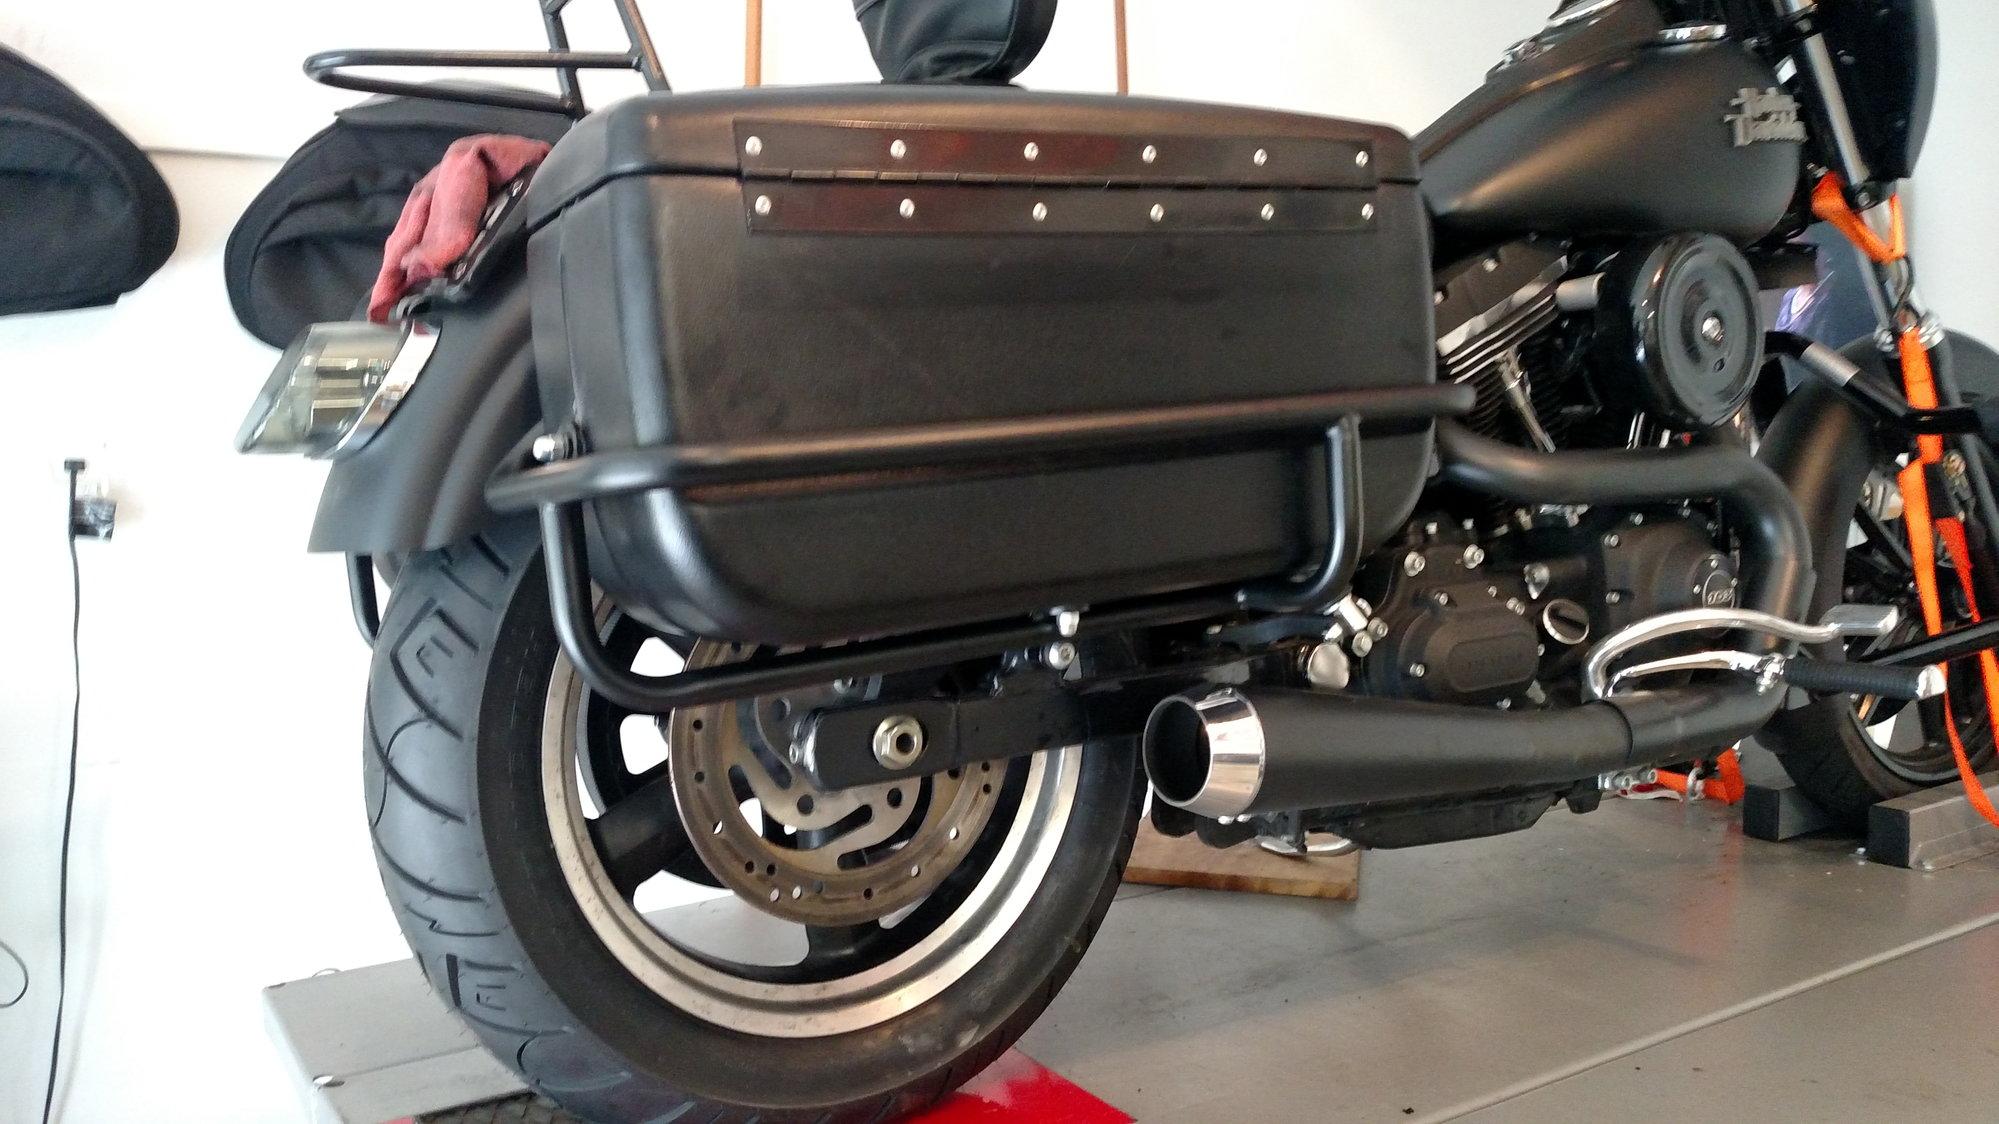 Dyna Defender bags - Harley Davidson Forums d3d3fd2f7dd56